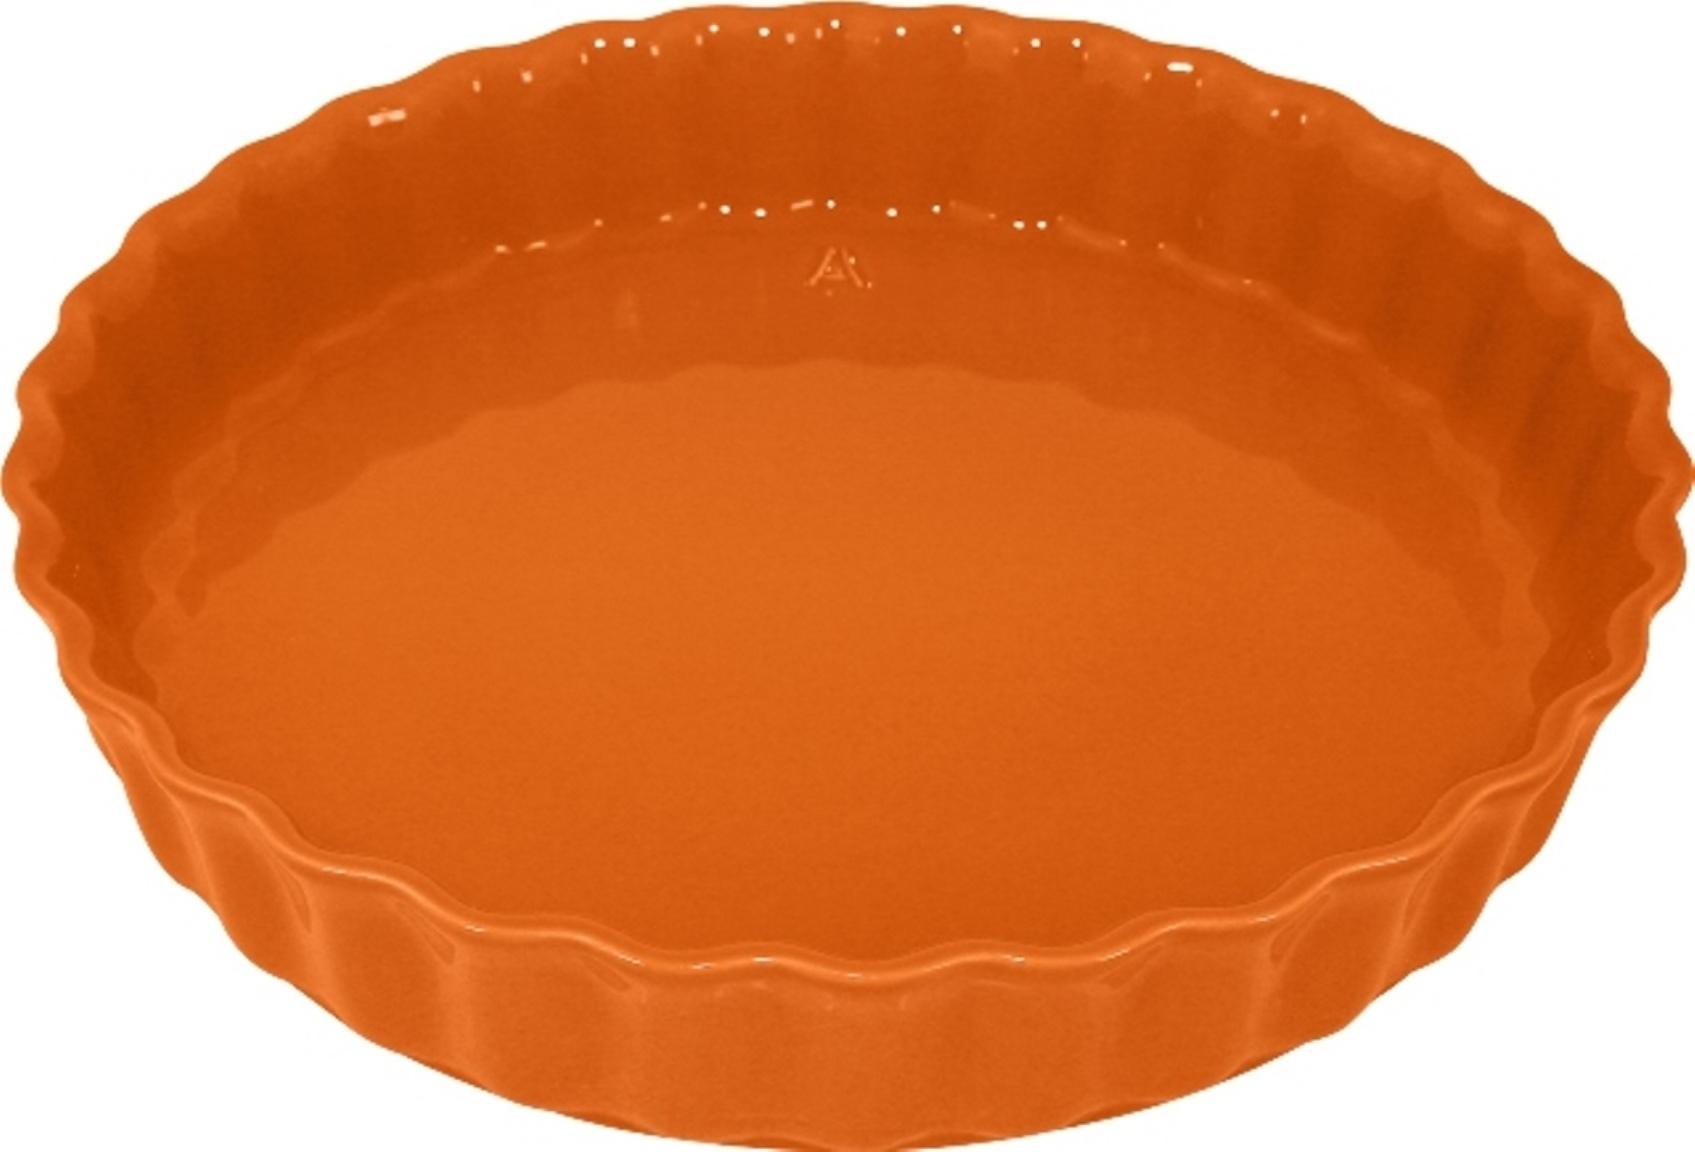 Форма для пирога 28 см Appolia Delices MANDARINE 11028073Формы для запекания (выпечки)<br>Форма для пирога 28 см Appolia Delices MANDARINE 11028073<br><br>Благодаря большому разнообразию изящных форм и широкой цветовой гамме, коллекция DELICES предлагает всевозможные варианты приготовления блюд для себя и гостей. Выбирайте цвета в соответствии с вашими желаниями и вашей кухне. Закругленные углы облегчают чистку. Легко использовать. Большие удобные ручки. Прочная жароустойчивая керамика экологична и изготавливается из высококачественной глины. Прочная глазурь устойчива к растрескиванию и сколам, не содержит свинца и кадмия. Глина обеспечивает медленный и равномерный нагрев, деликатное приготовление с сохранением всех питательных веществ и витаминов, а та же долго сохраняет тепло, что удобно при сервировке горячих блюд.<br>